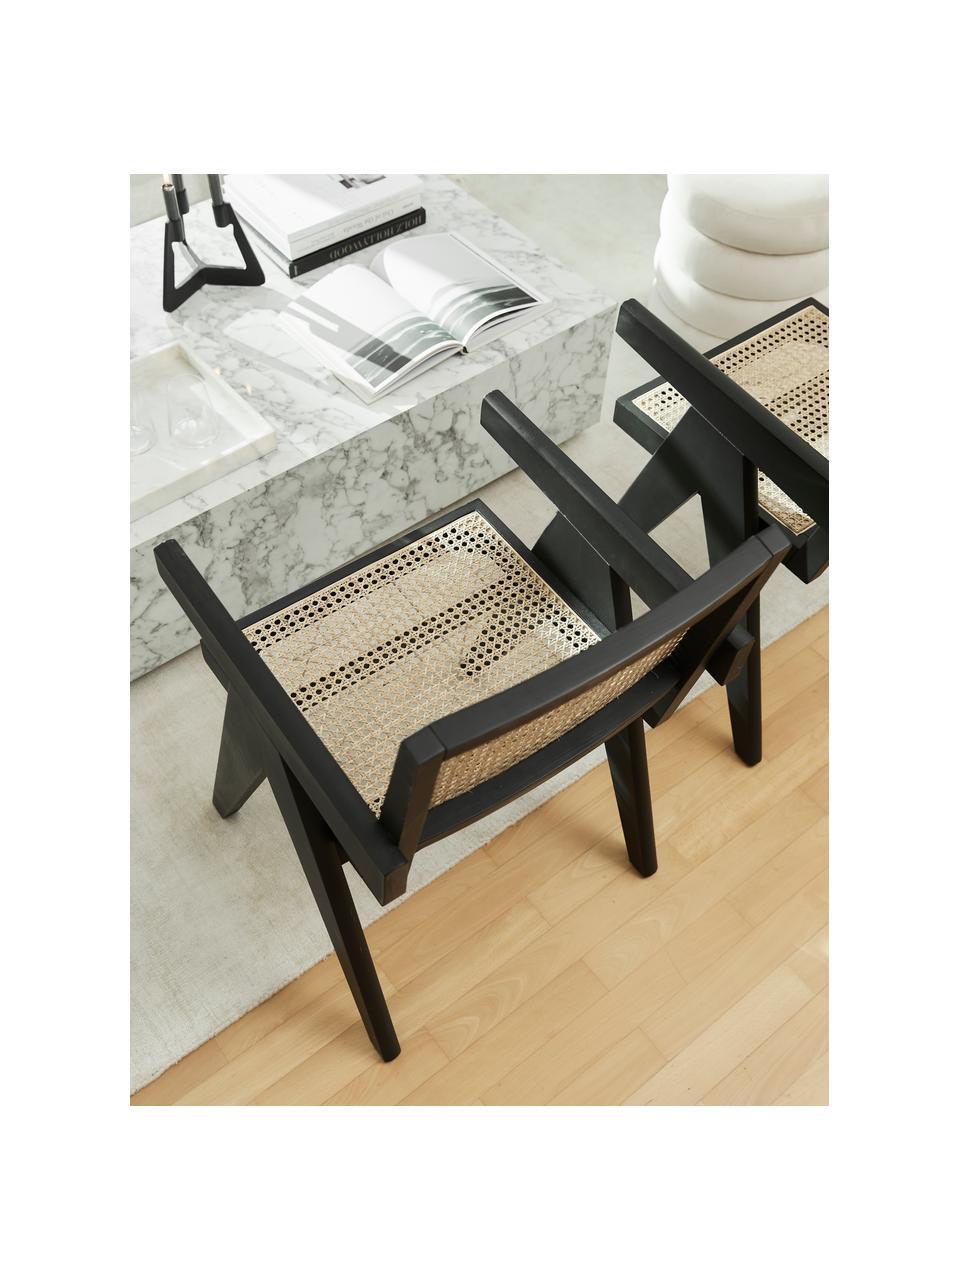 Fotel wypoczynkowy z plecionką wiedeńską Sissi, Stelaż: lite drewno bukowe, lakie, Drewno bukowe, S 58 x G 66 cm